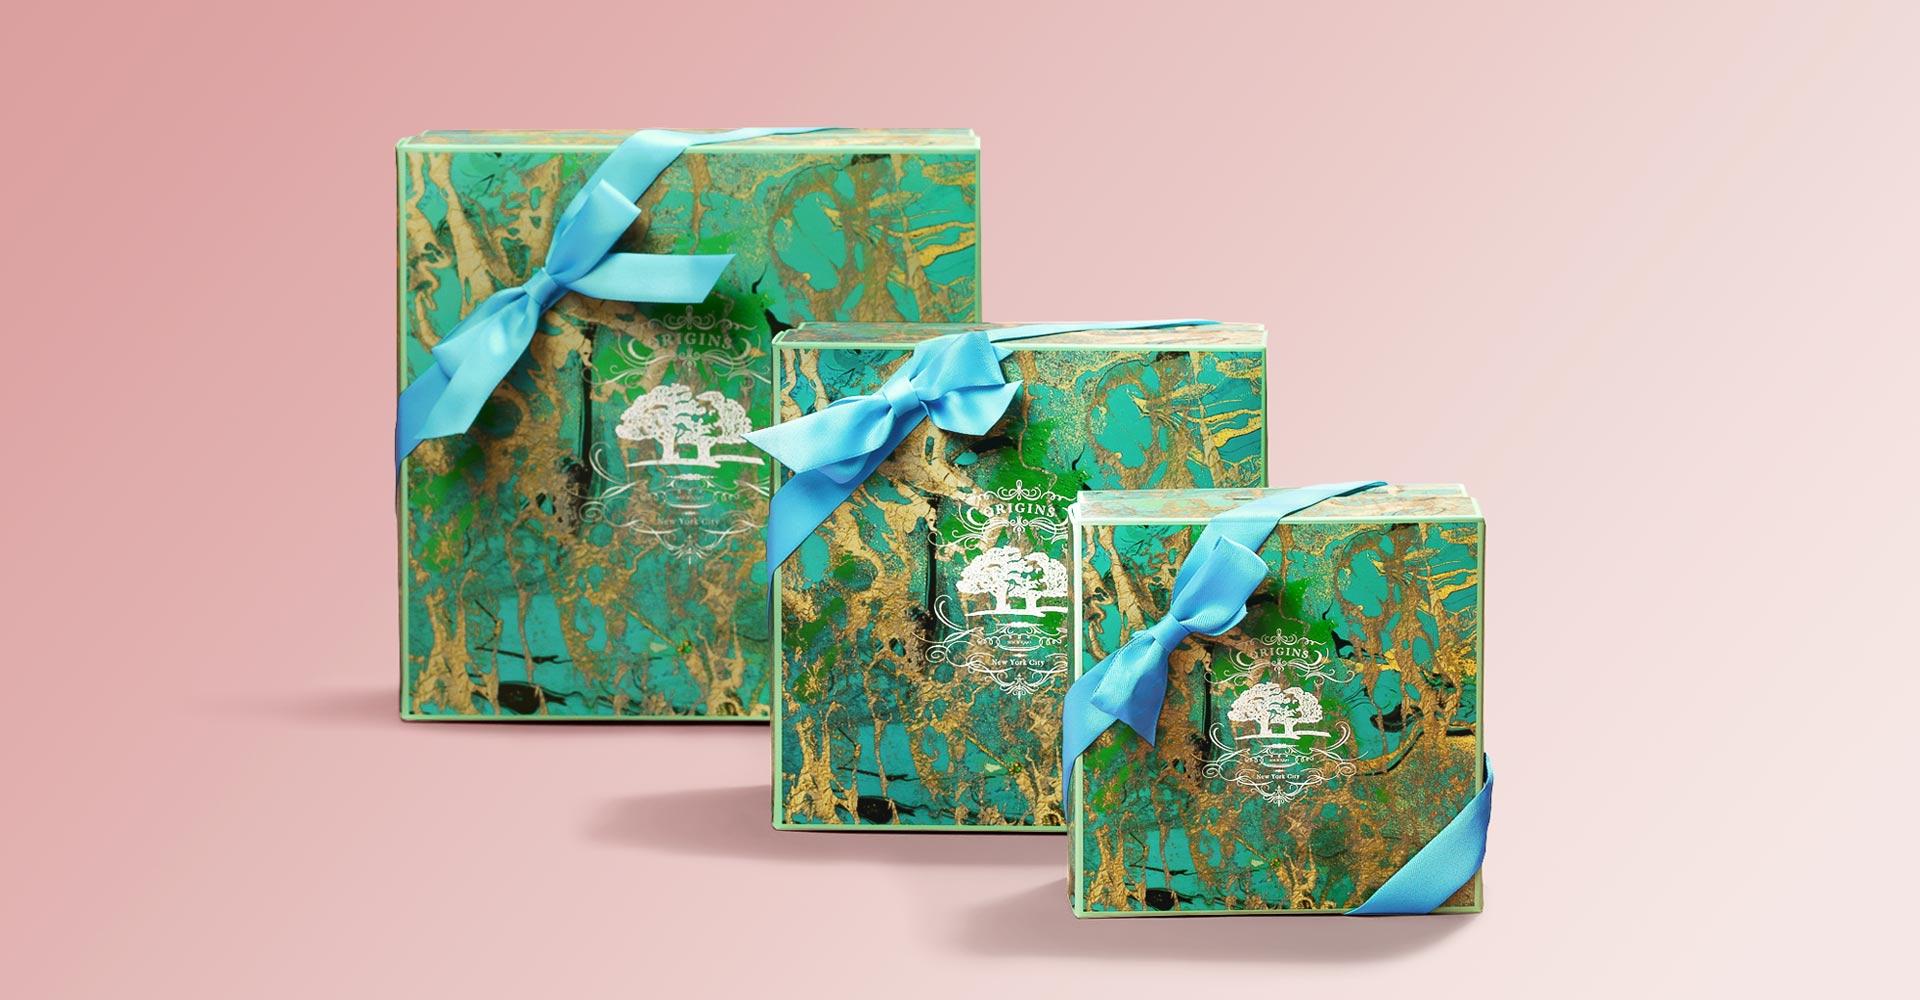 Creative_Retail_Packaging_Package_design_Origins_63.jpg